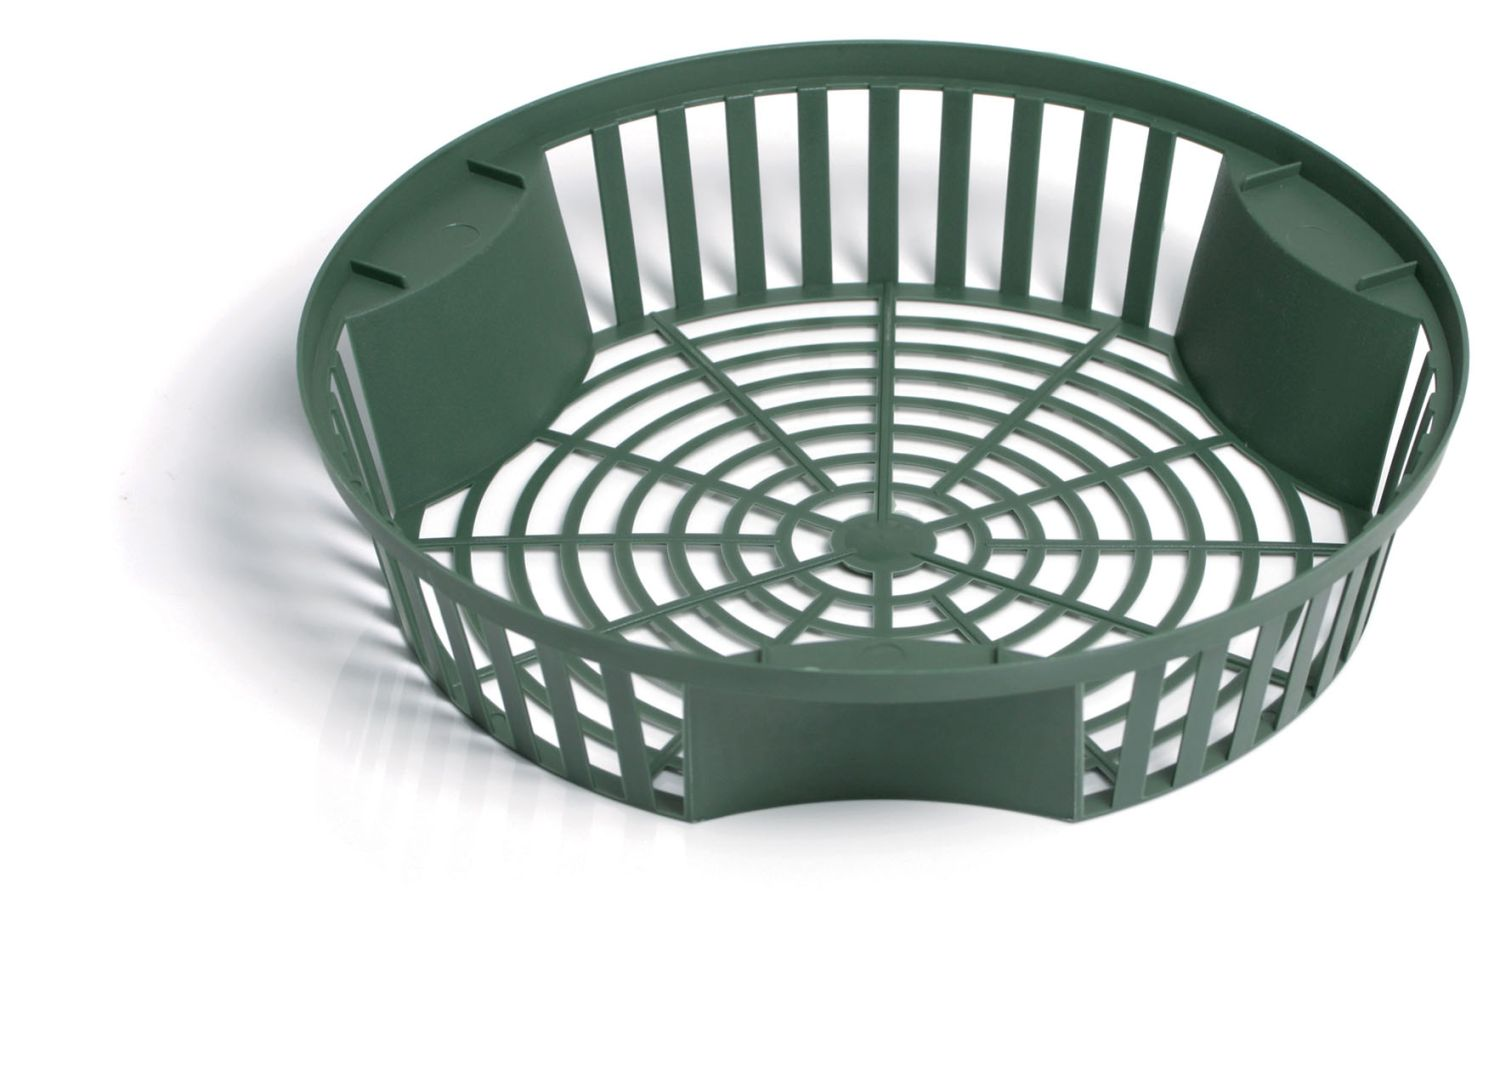 PROSPERPLAST Košík na cibuloviny ONION II tm.zelený 26,5cm